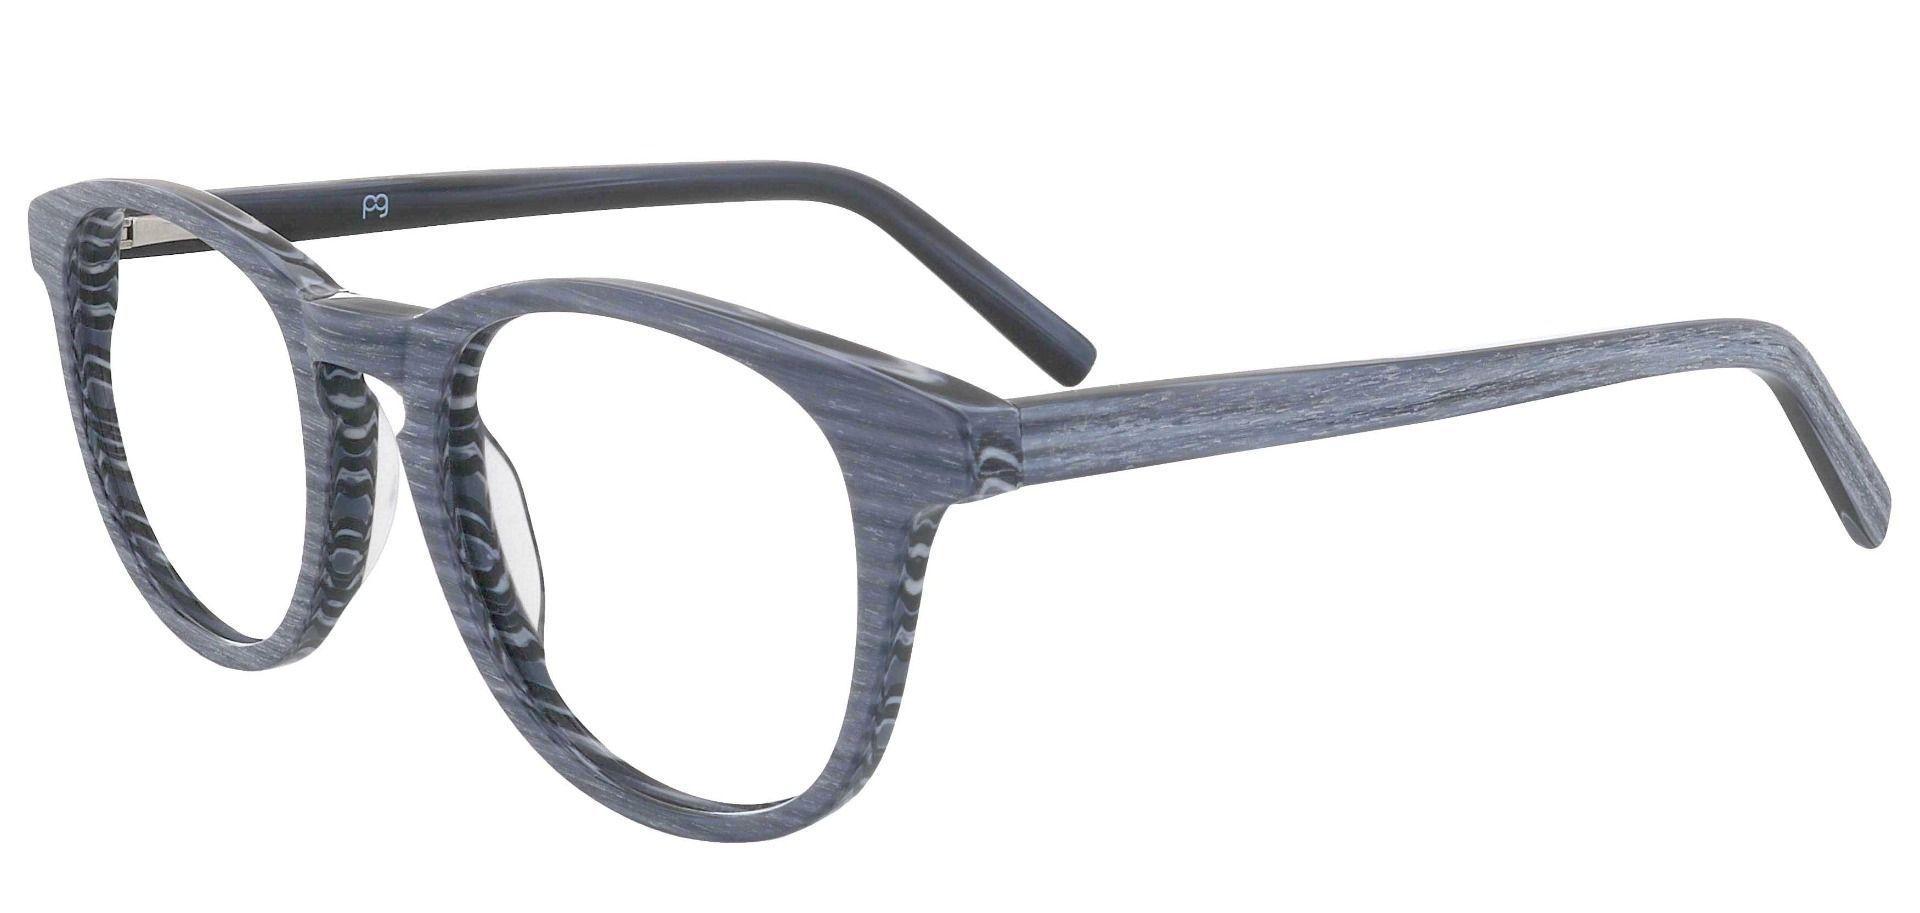 Lathe Oval Prescription Glasses - Gray